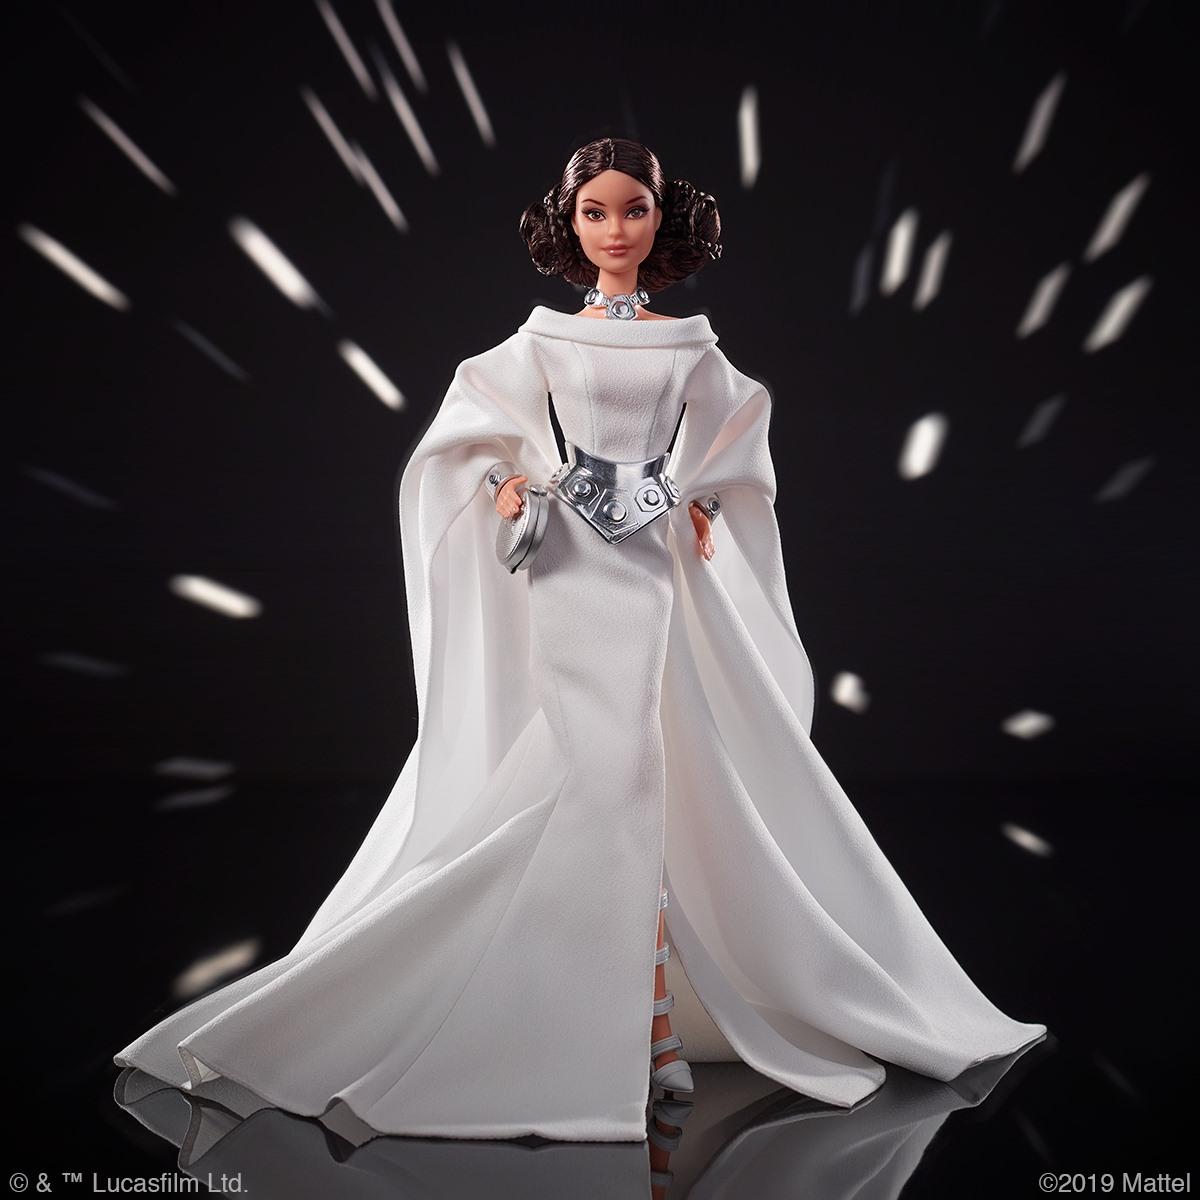 ¡Barbie lanza su colección de muñecas disfrazadas de Star Wars!